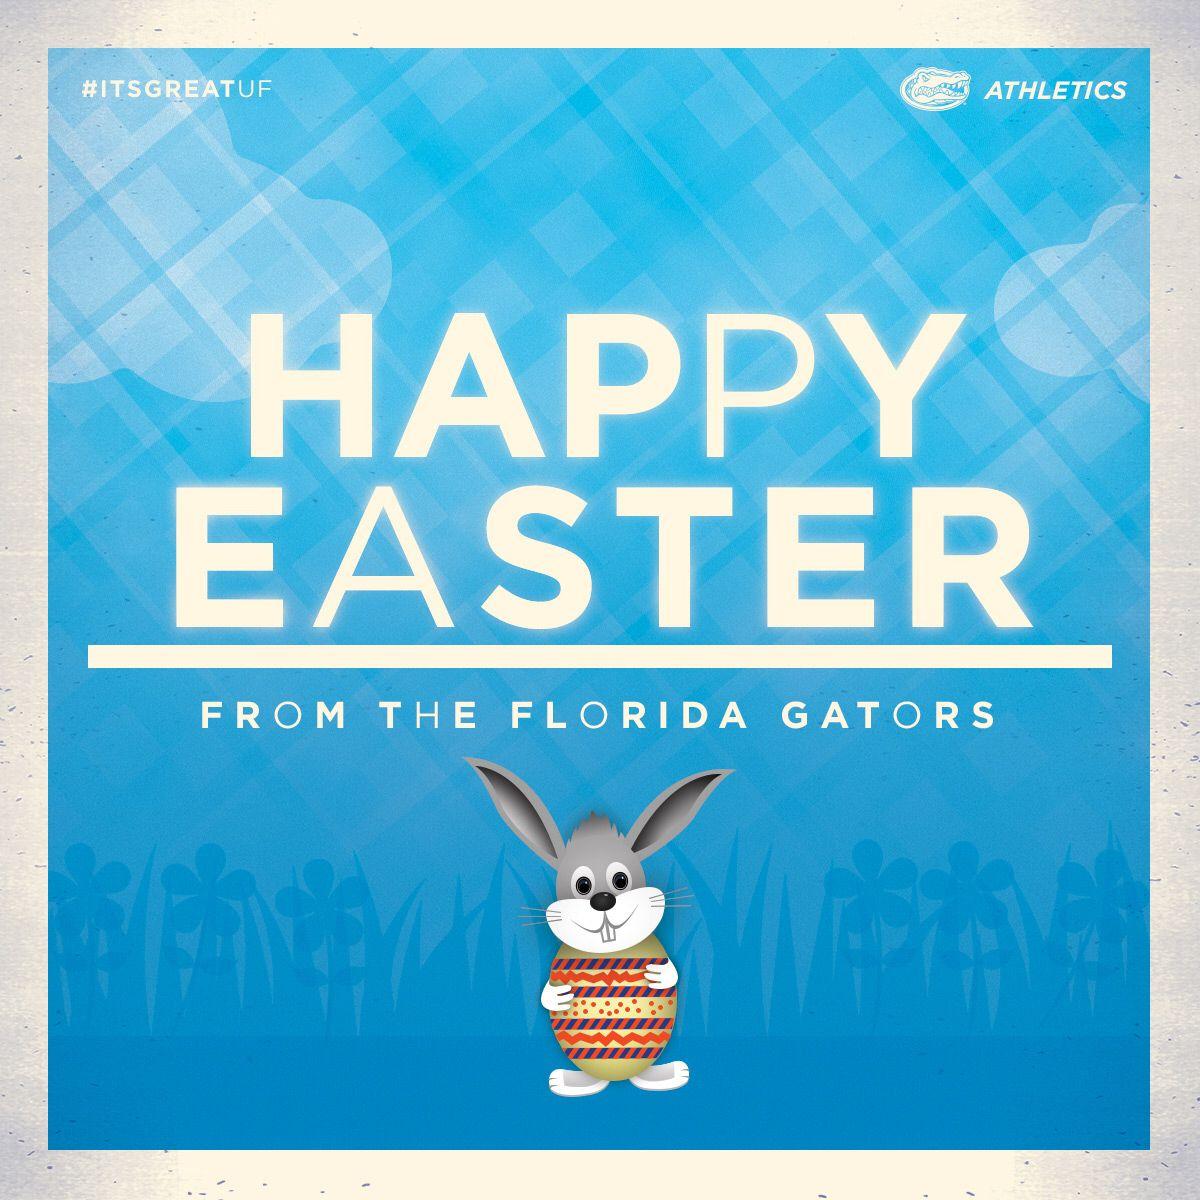 Happy easter itsgreatuf gogators florida gators